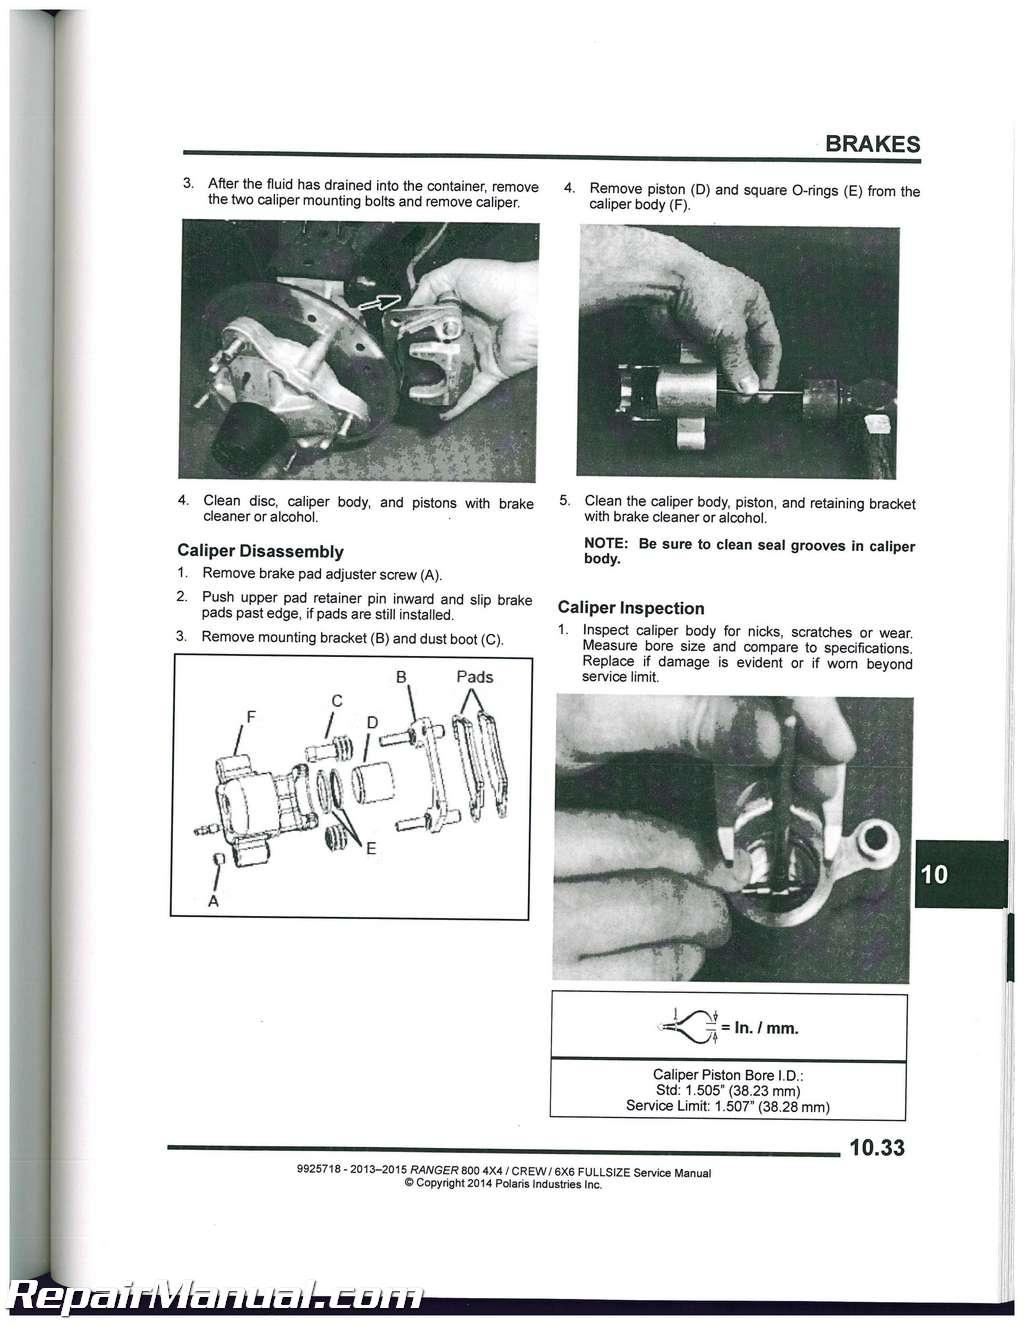 2015 Polaris Ranger 900 Service Manual